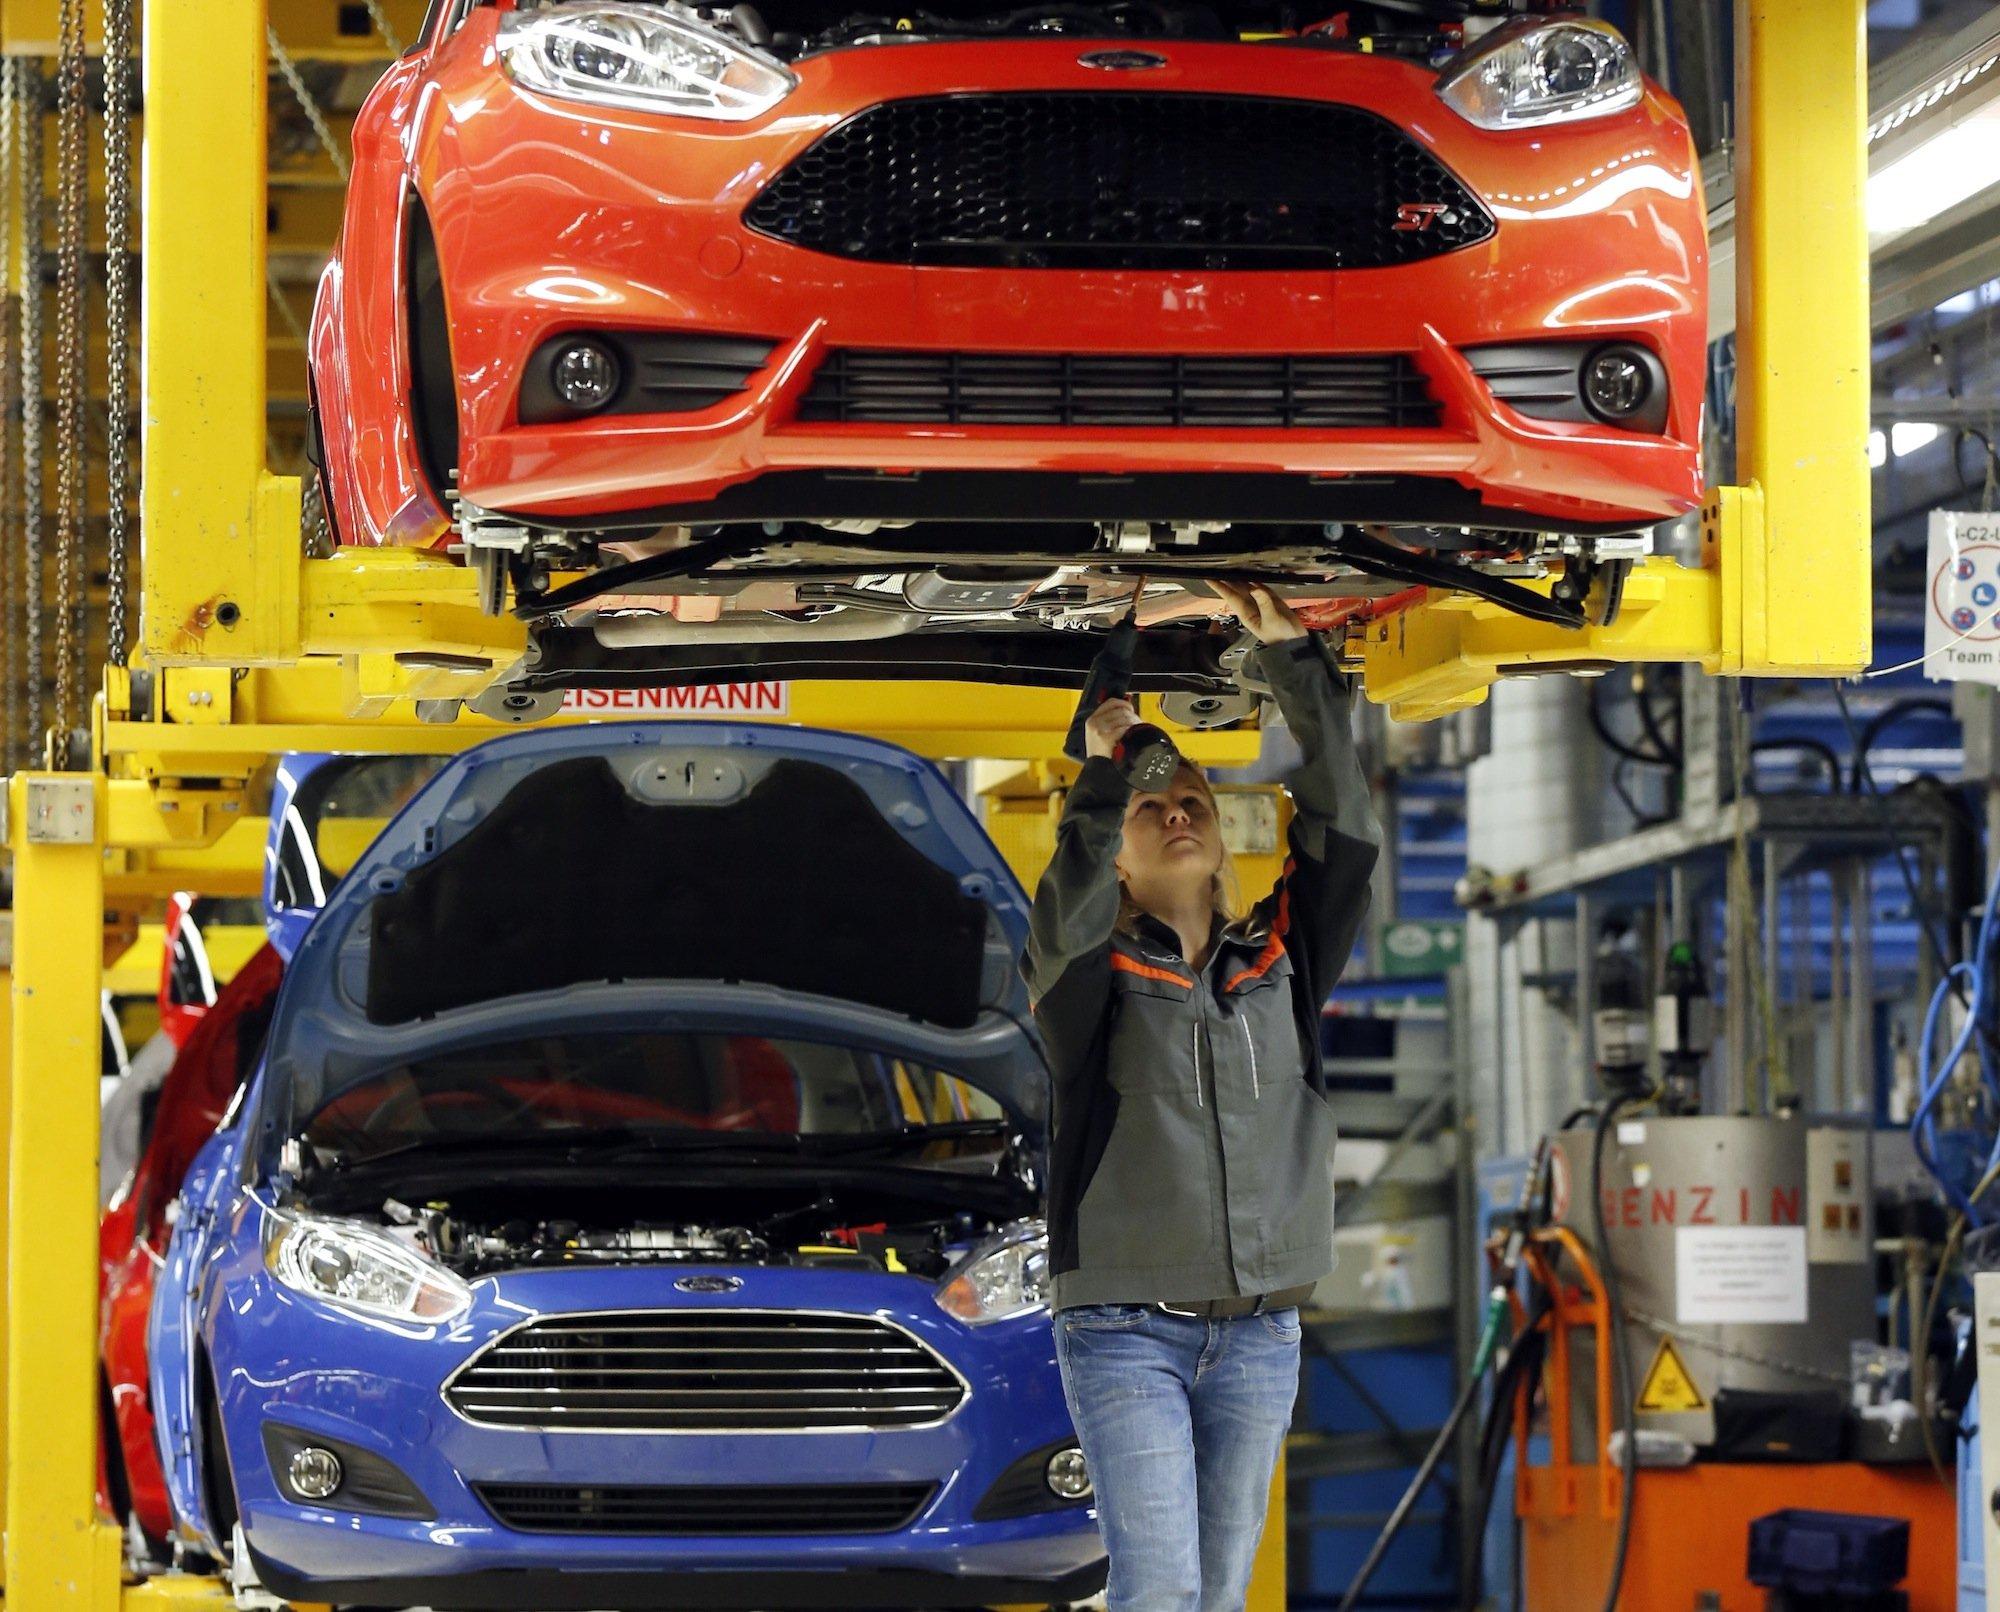 Fiesta-Produktion bei Ford in Köln: Weil der Absatz vor allem in Südeuropa schwächelt, arbeitet Ford im Oktober und November kurz.